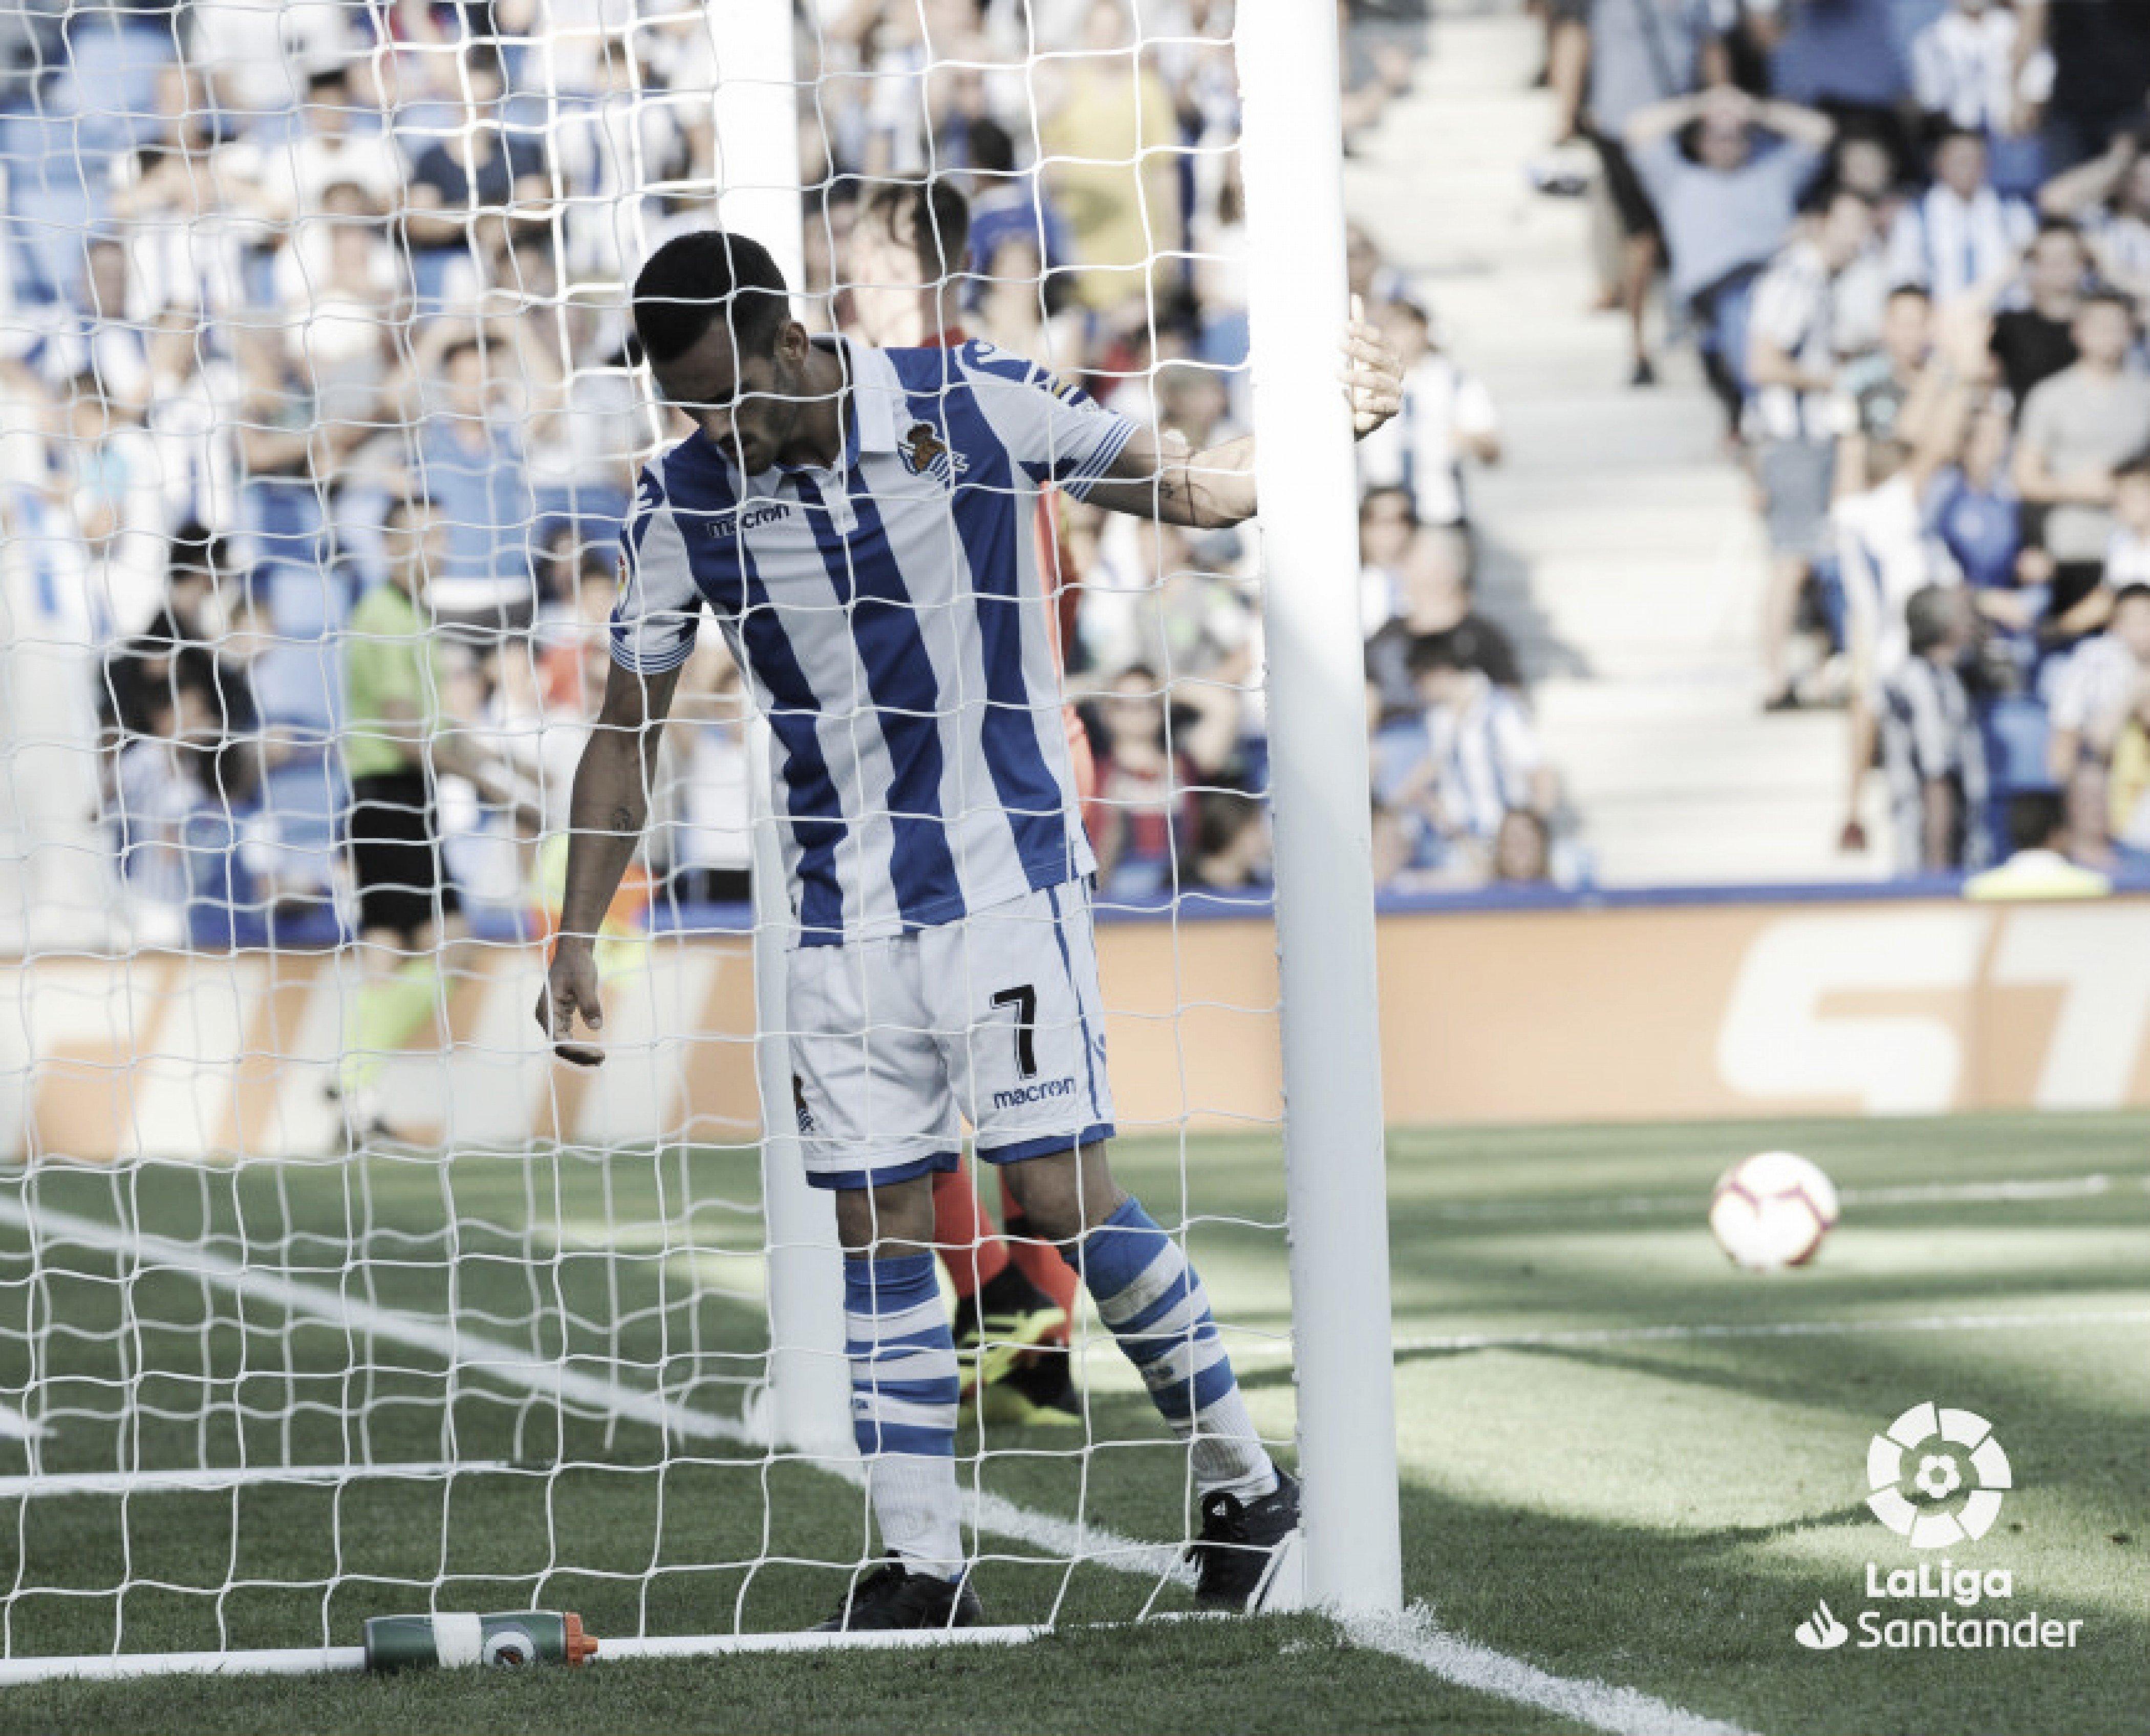 Previa Huesca - Real Sociedad: reencuentro con dudas